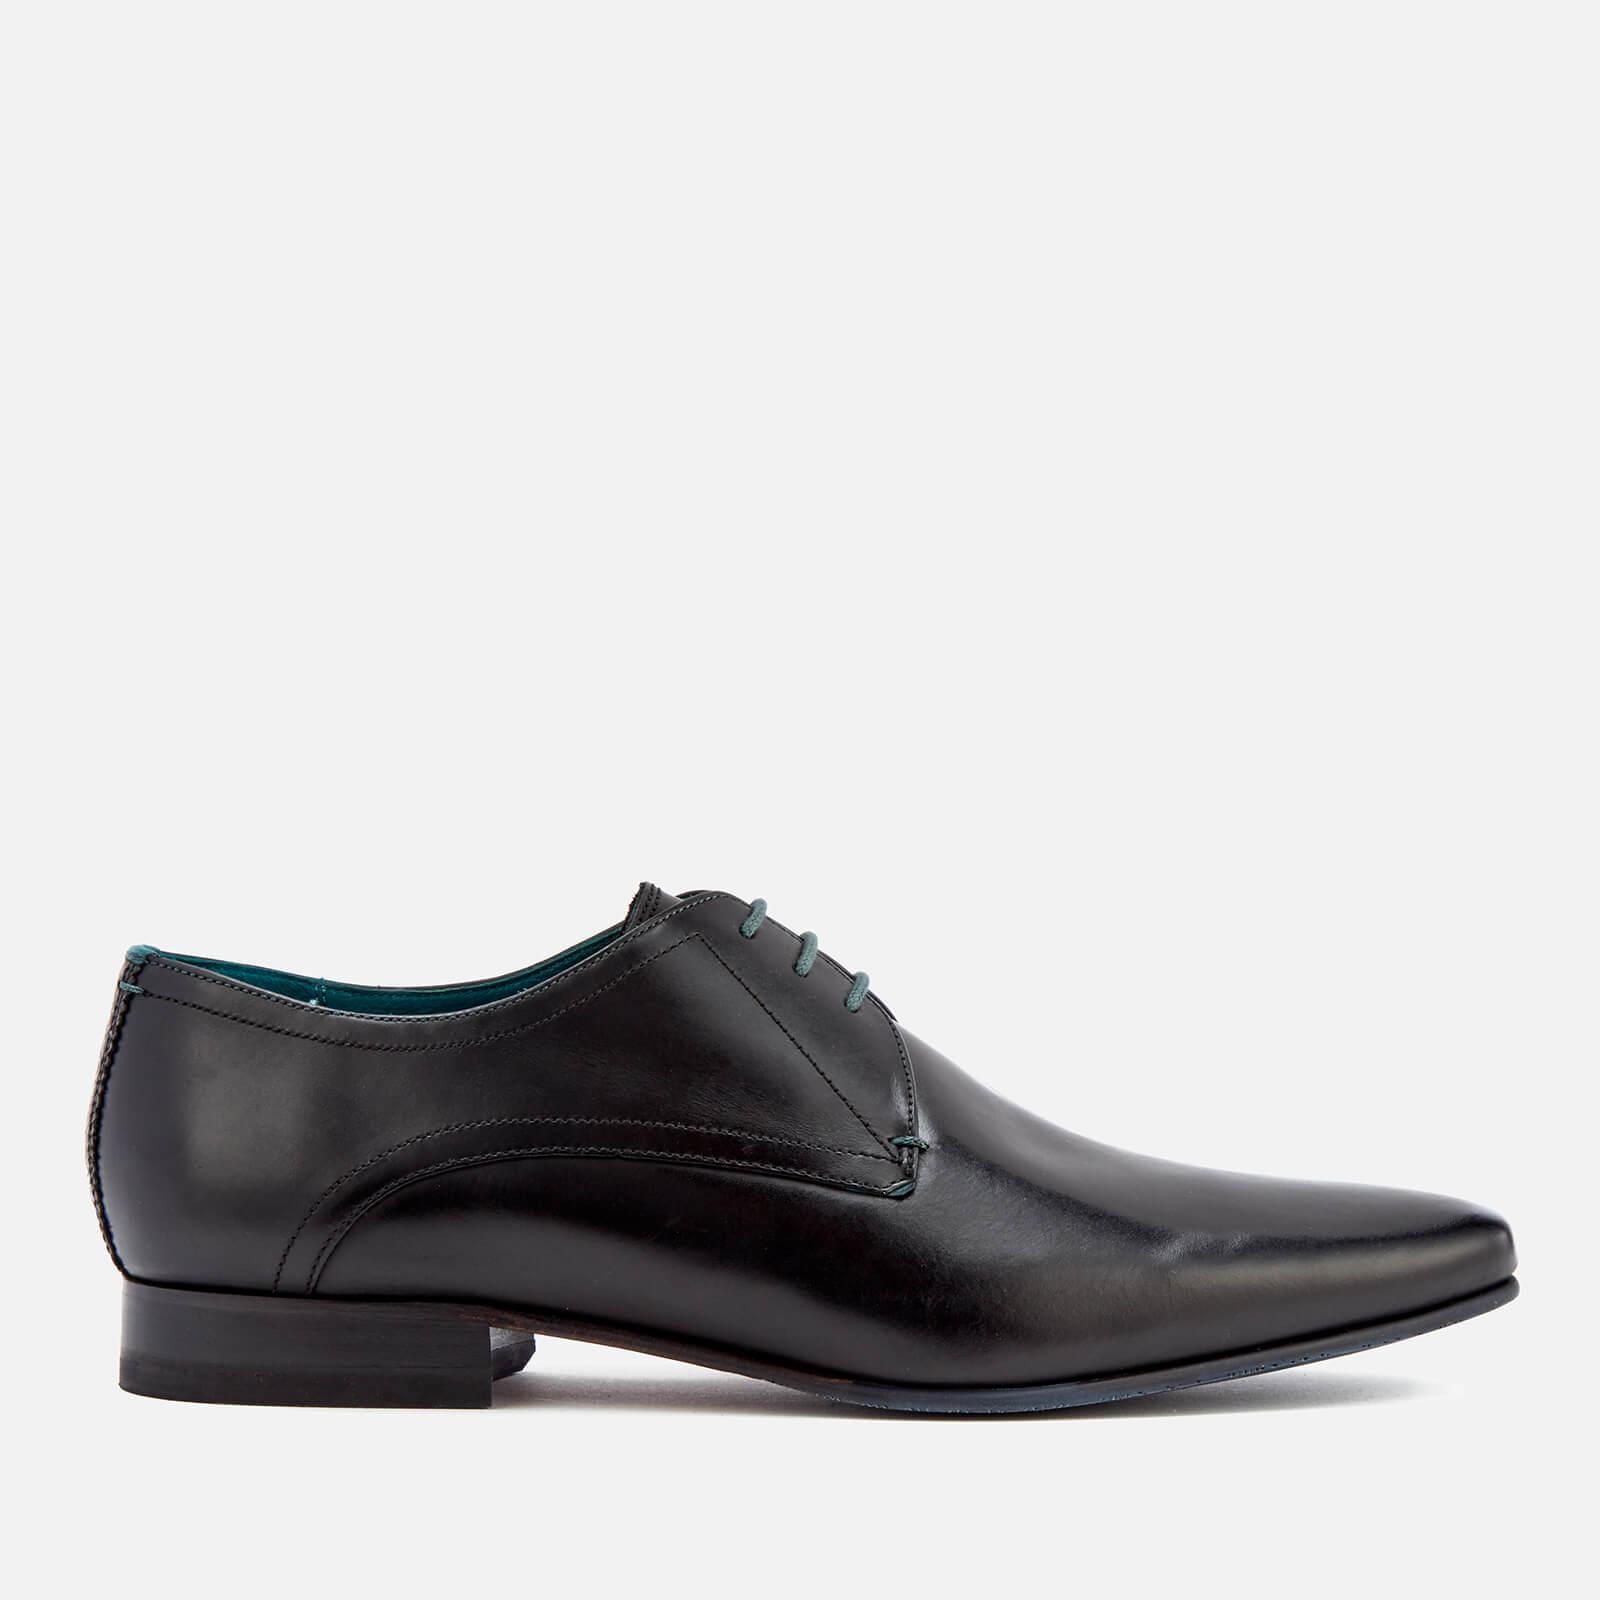 e6c0552471af Ted Baker Men s Bhartli Leater Derby Shoes - Black Clothing